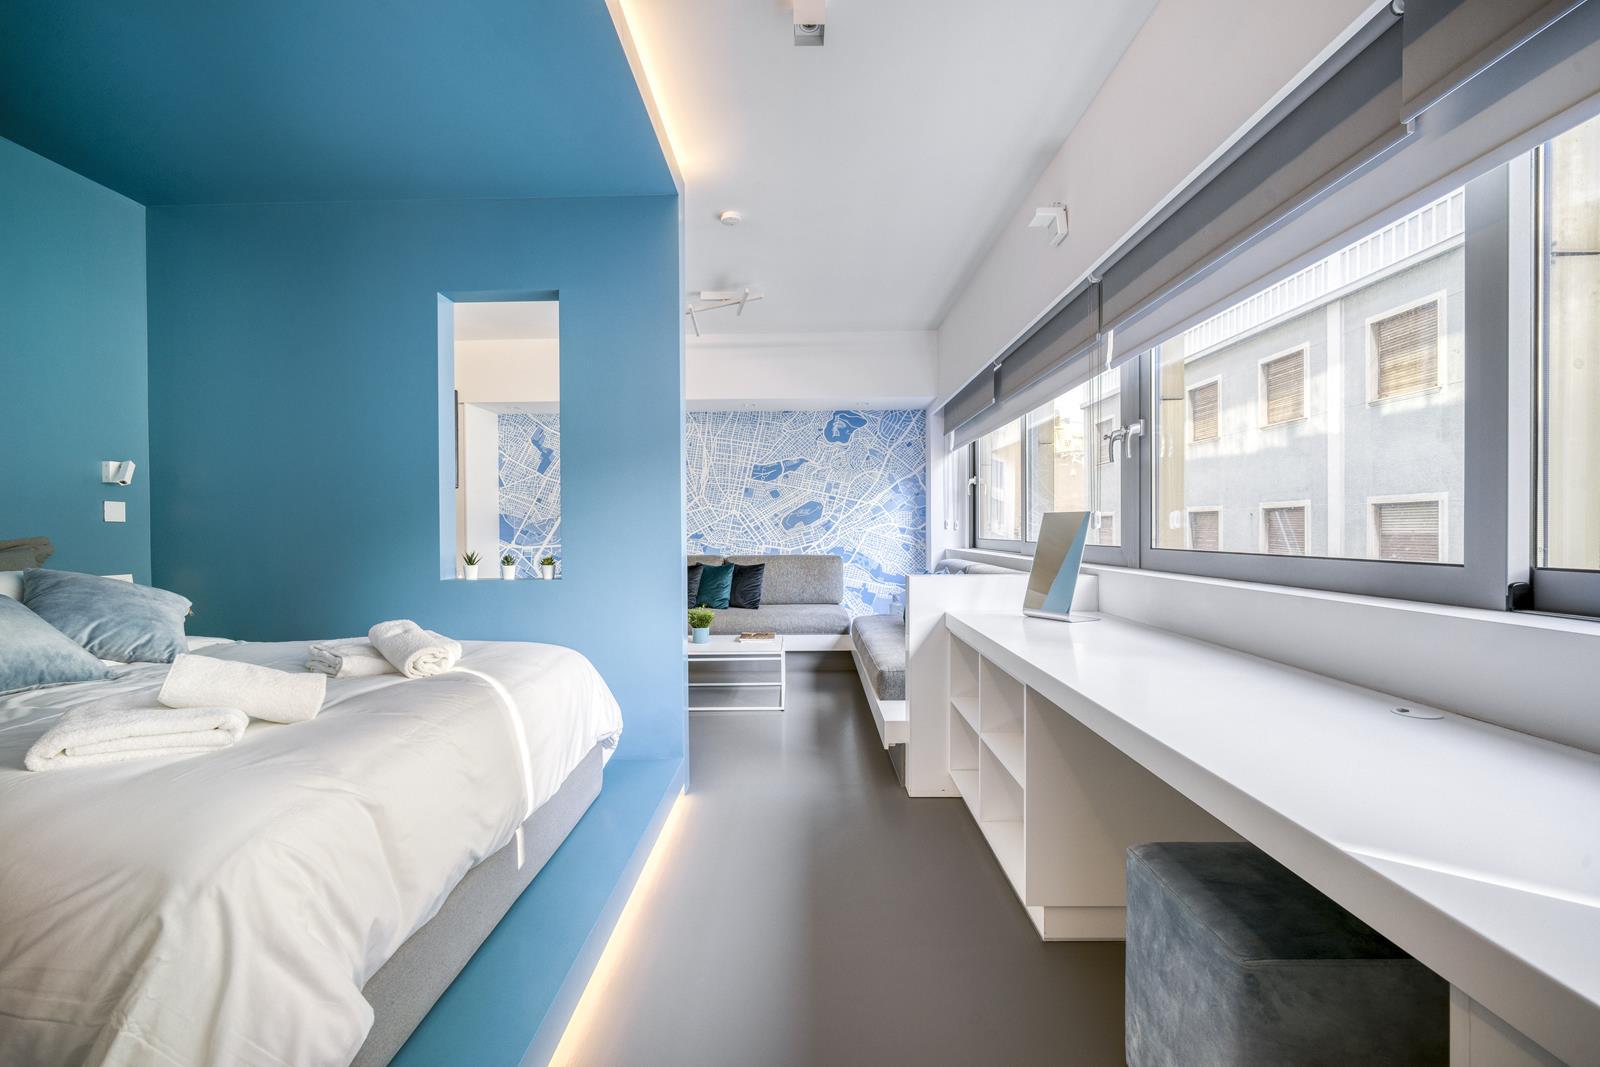 διαμονη στην αθηνα - Athens Color Cube Luxury Apartments